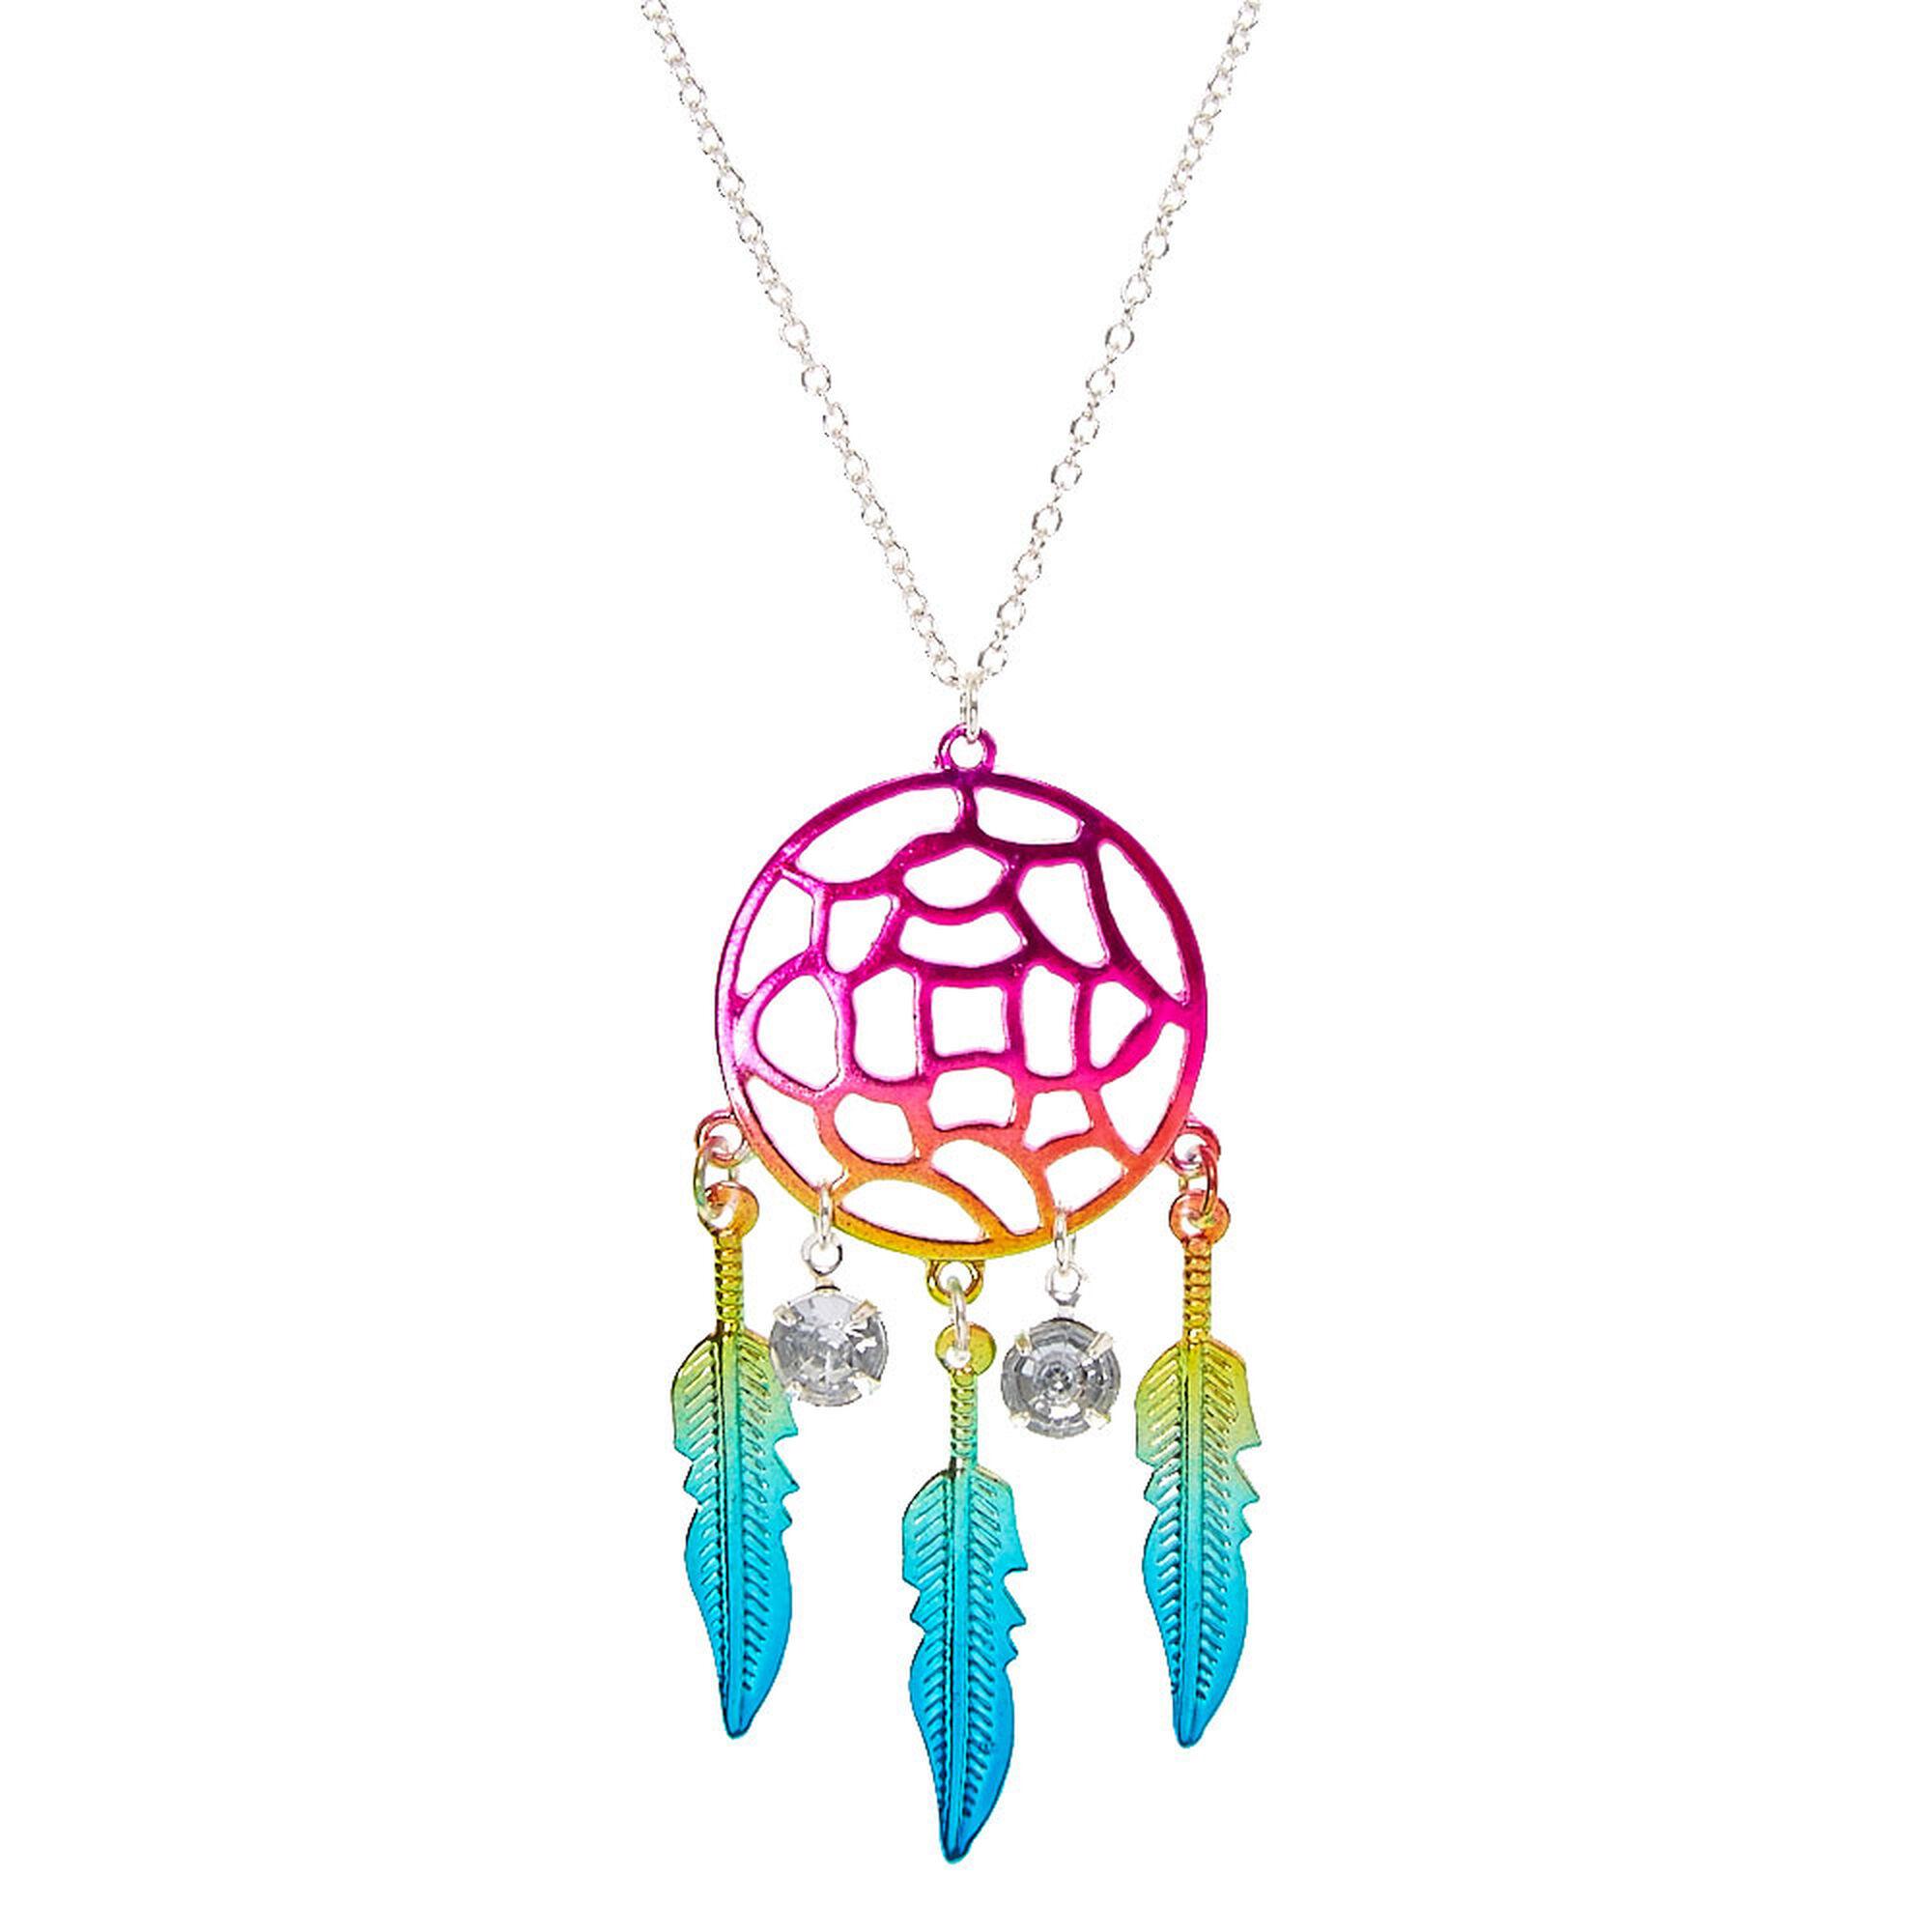 Metallic rainbow dreamcatcher pendant necklace claires ca metallic rainbow dreamcatcher pendant necklace mozeypictures Images